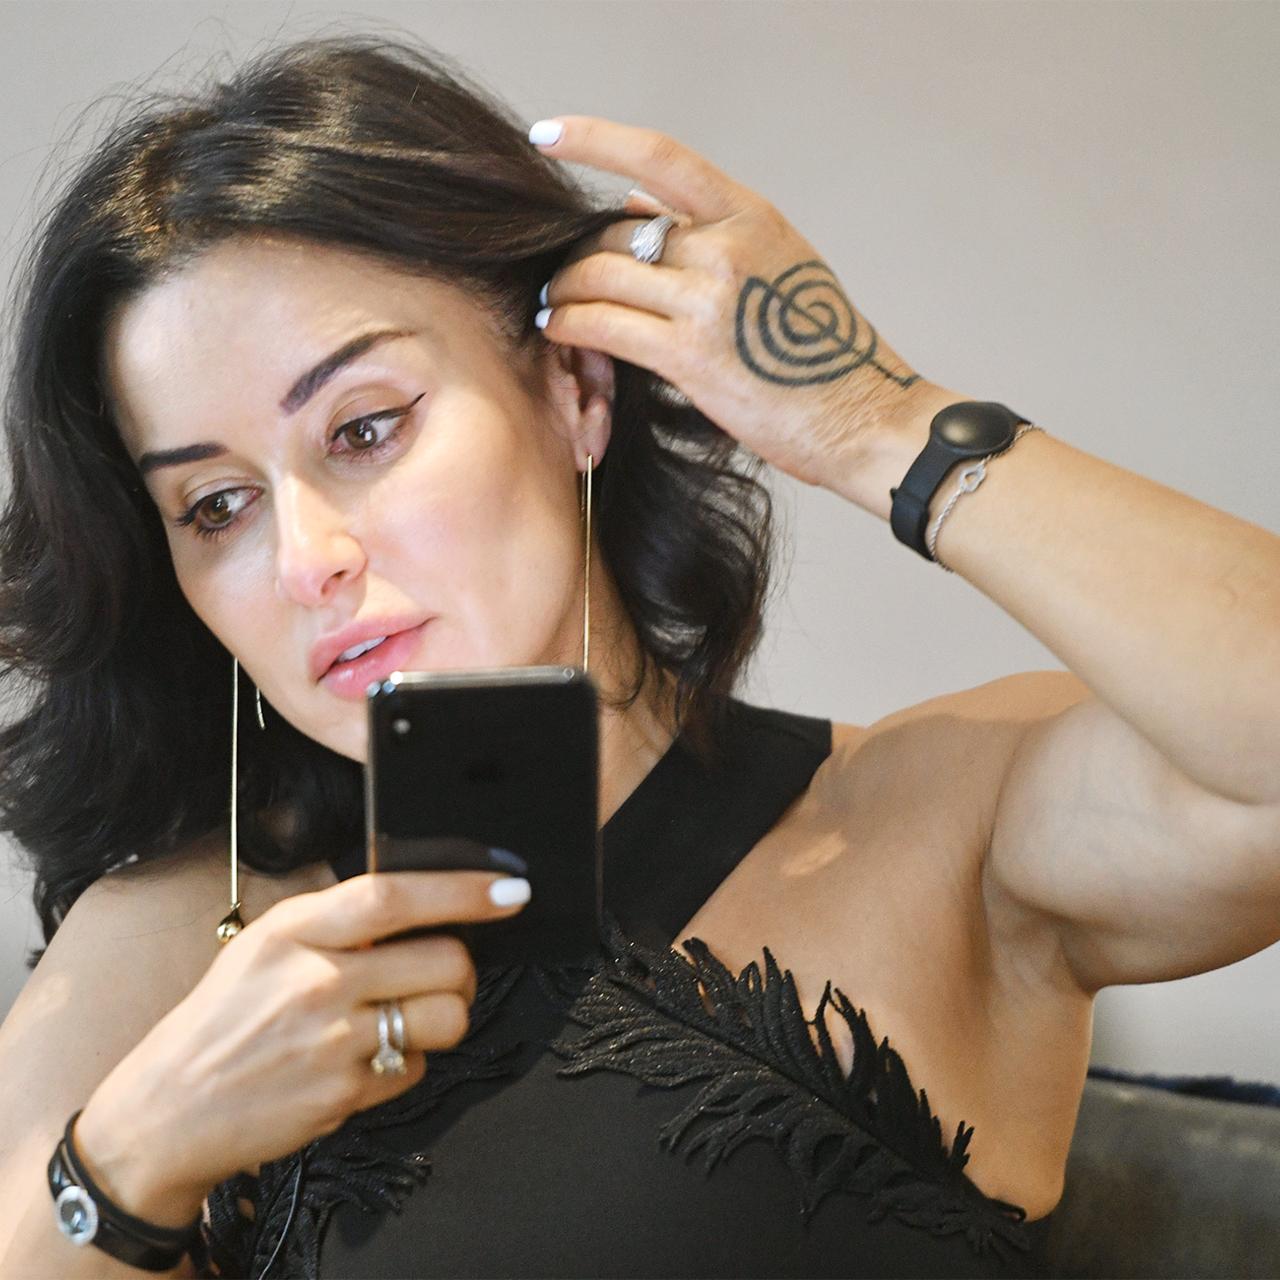 Звезды российского шоу-бизнеса поддержали Артема Дзюбу после слива интимного видео